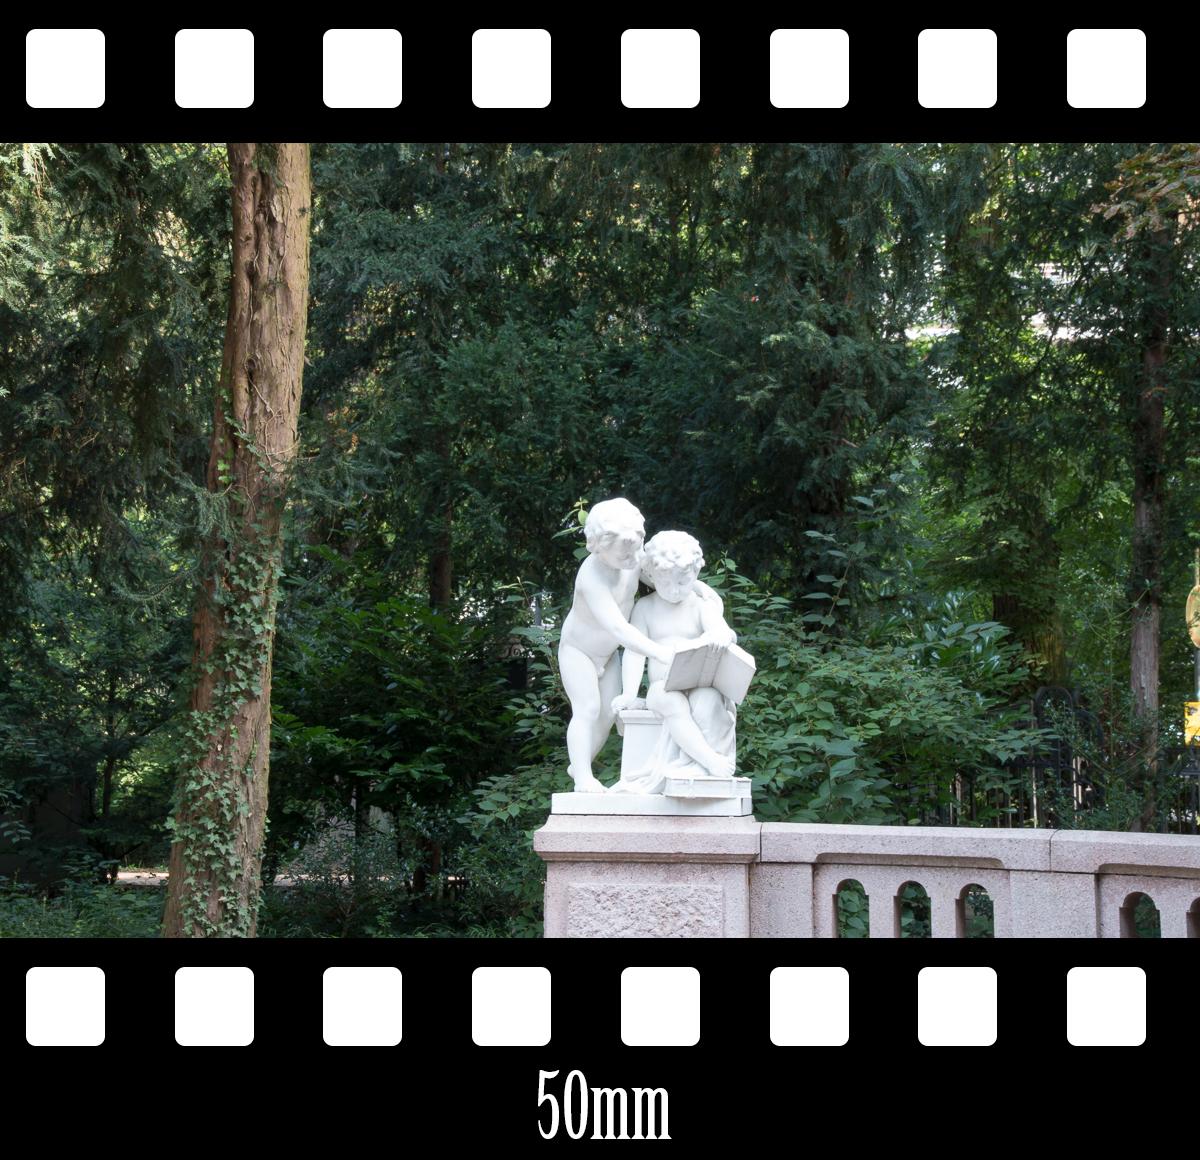 bsp_50mm